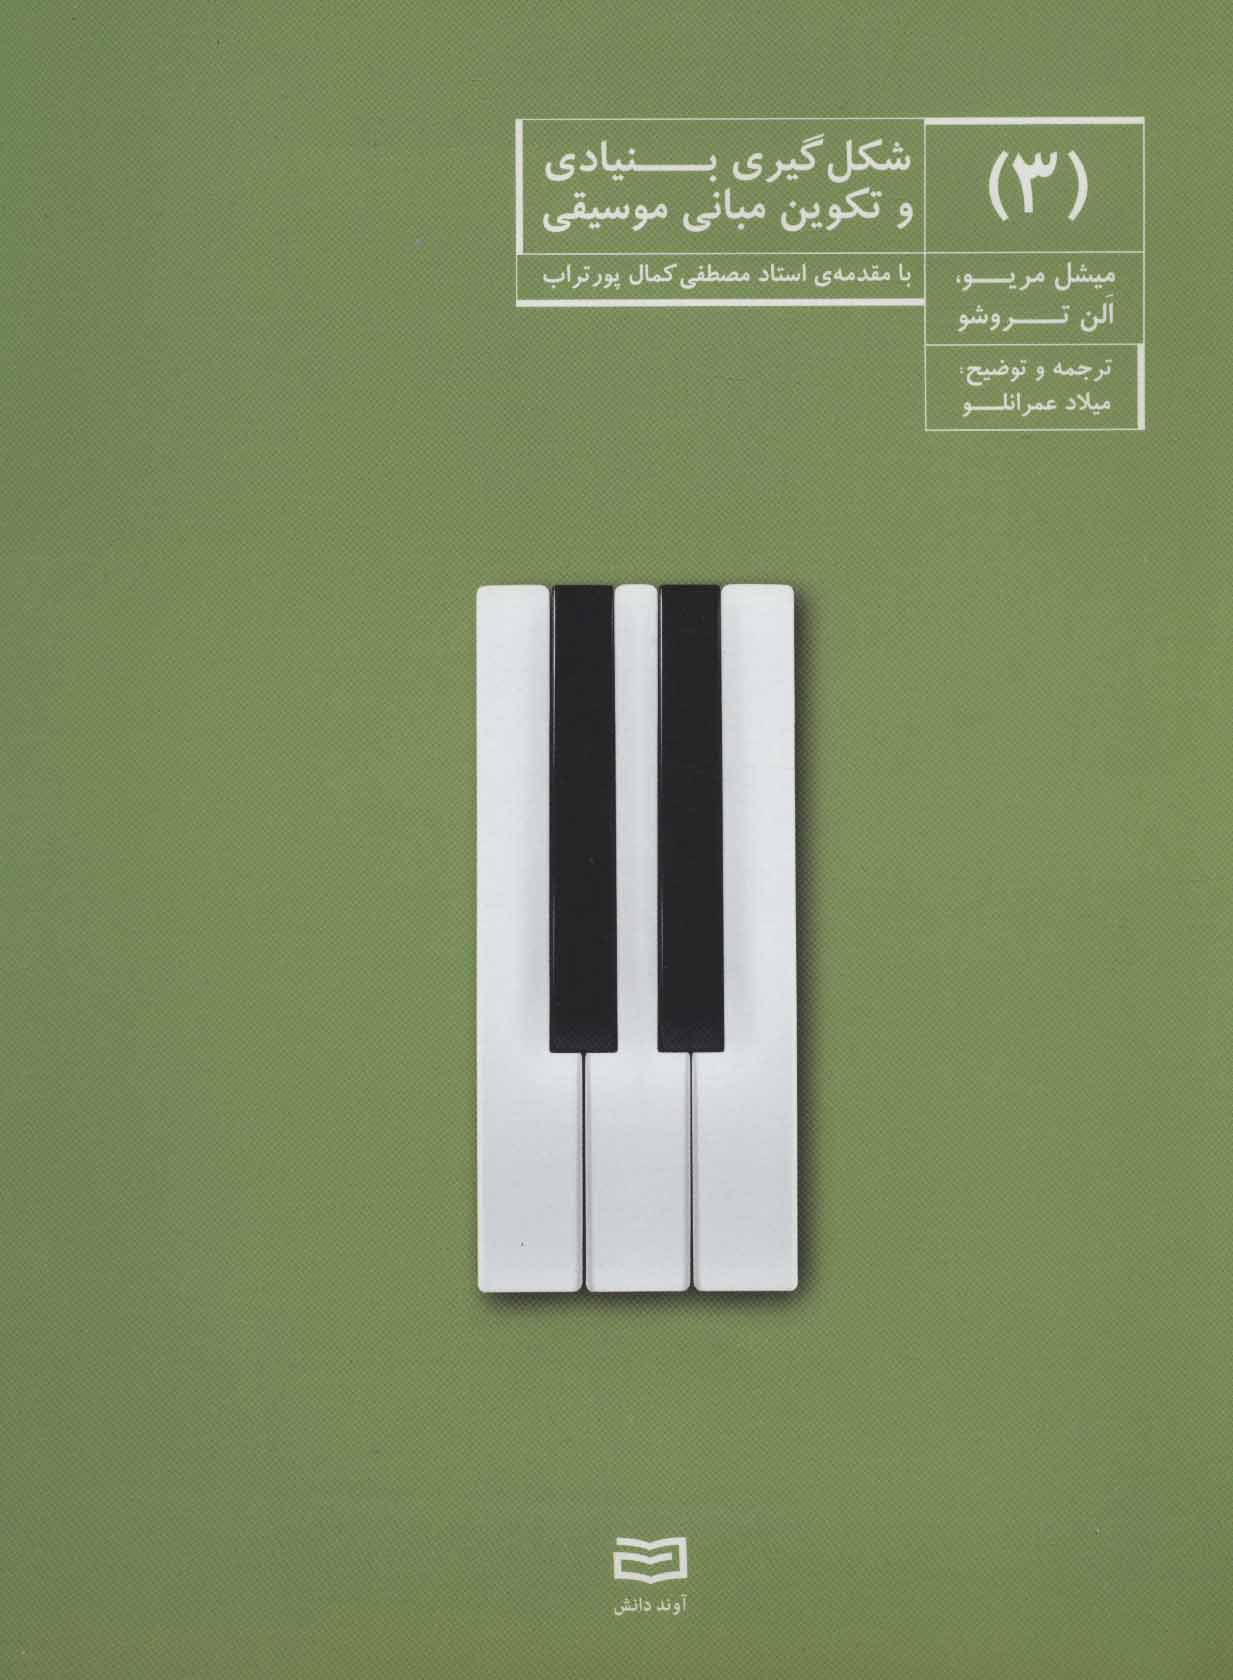 کتاب شکل گیری بنیادی و تکوین مبانی موسیقی (3)